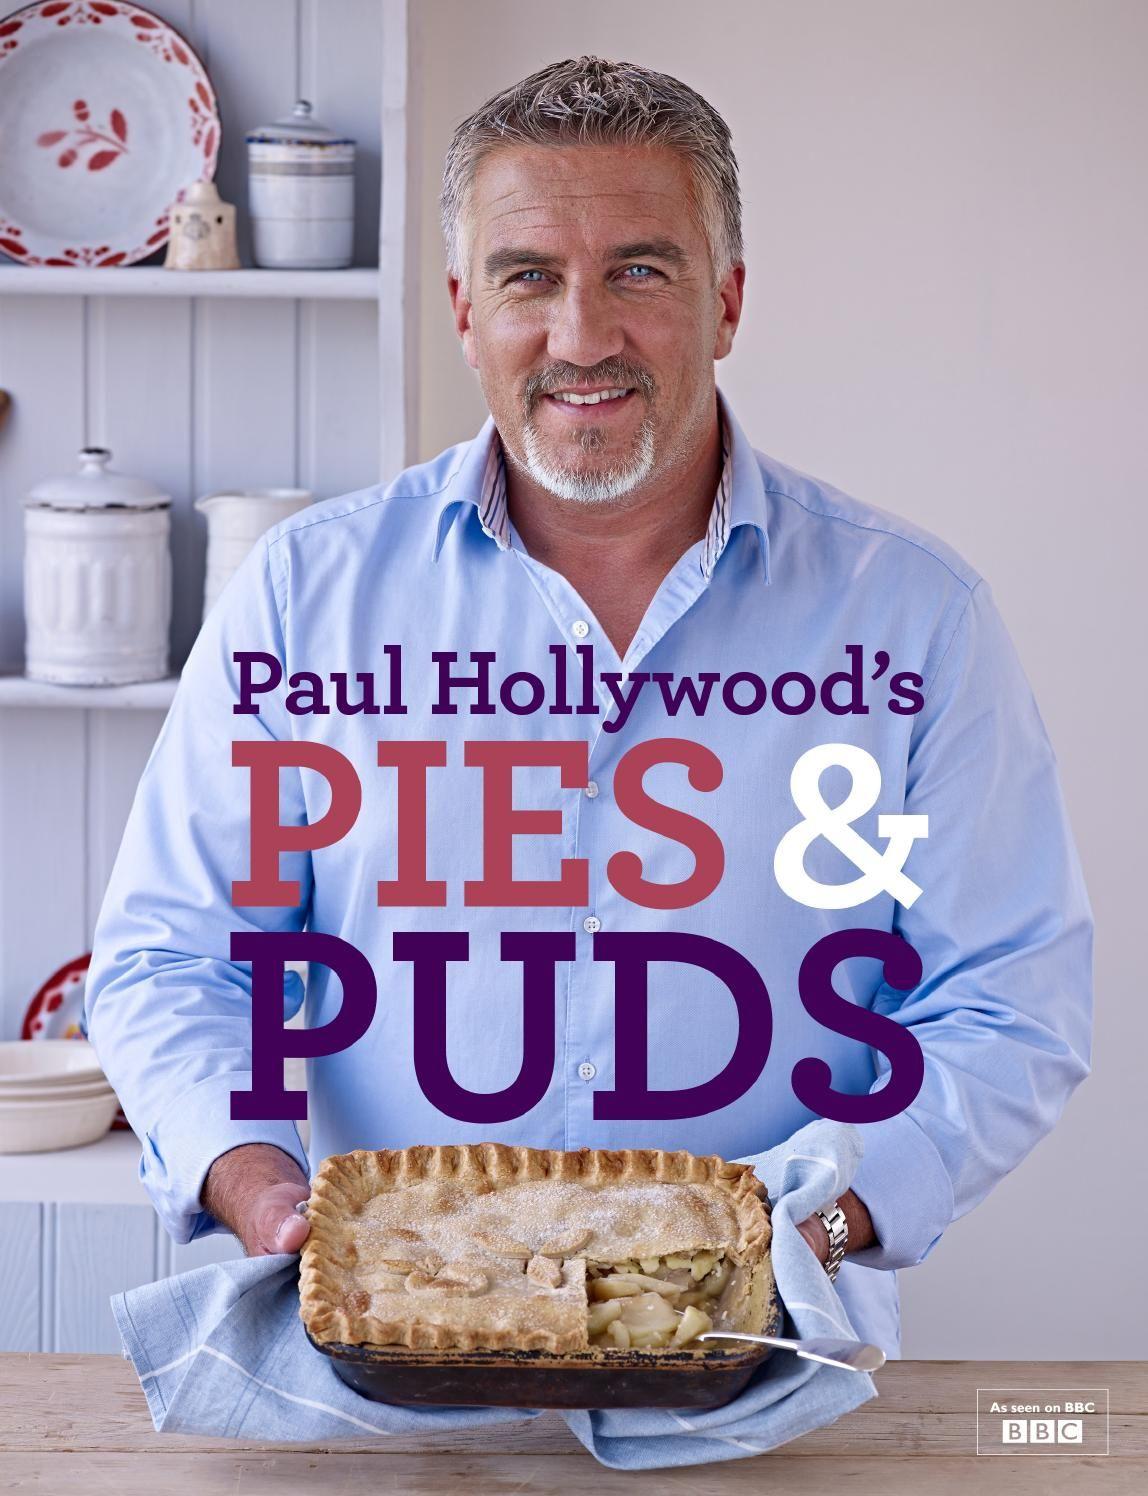 Paul hollywoods pies puds tom kerridge paul hollywood and paul hollywoods pies puds cookery bookspie forumfinder Choice Image